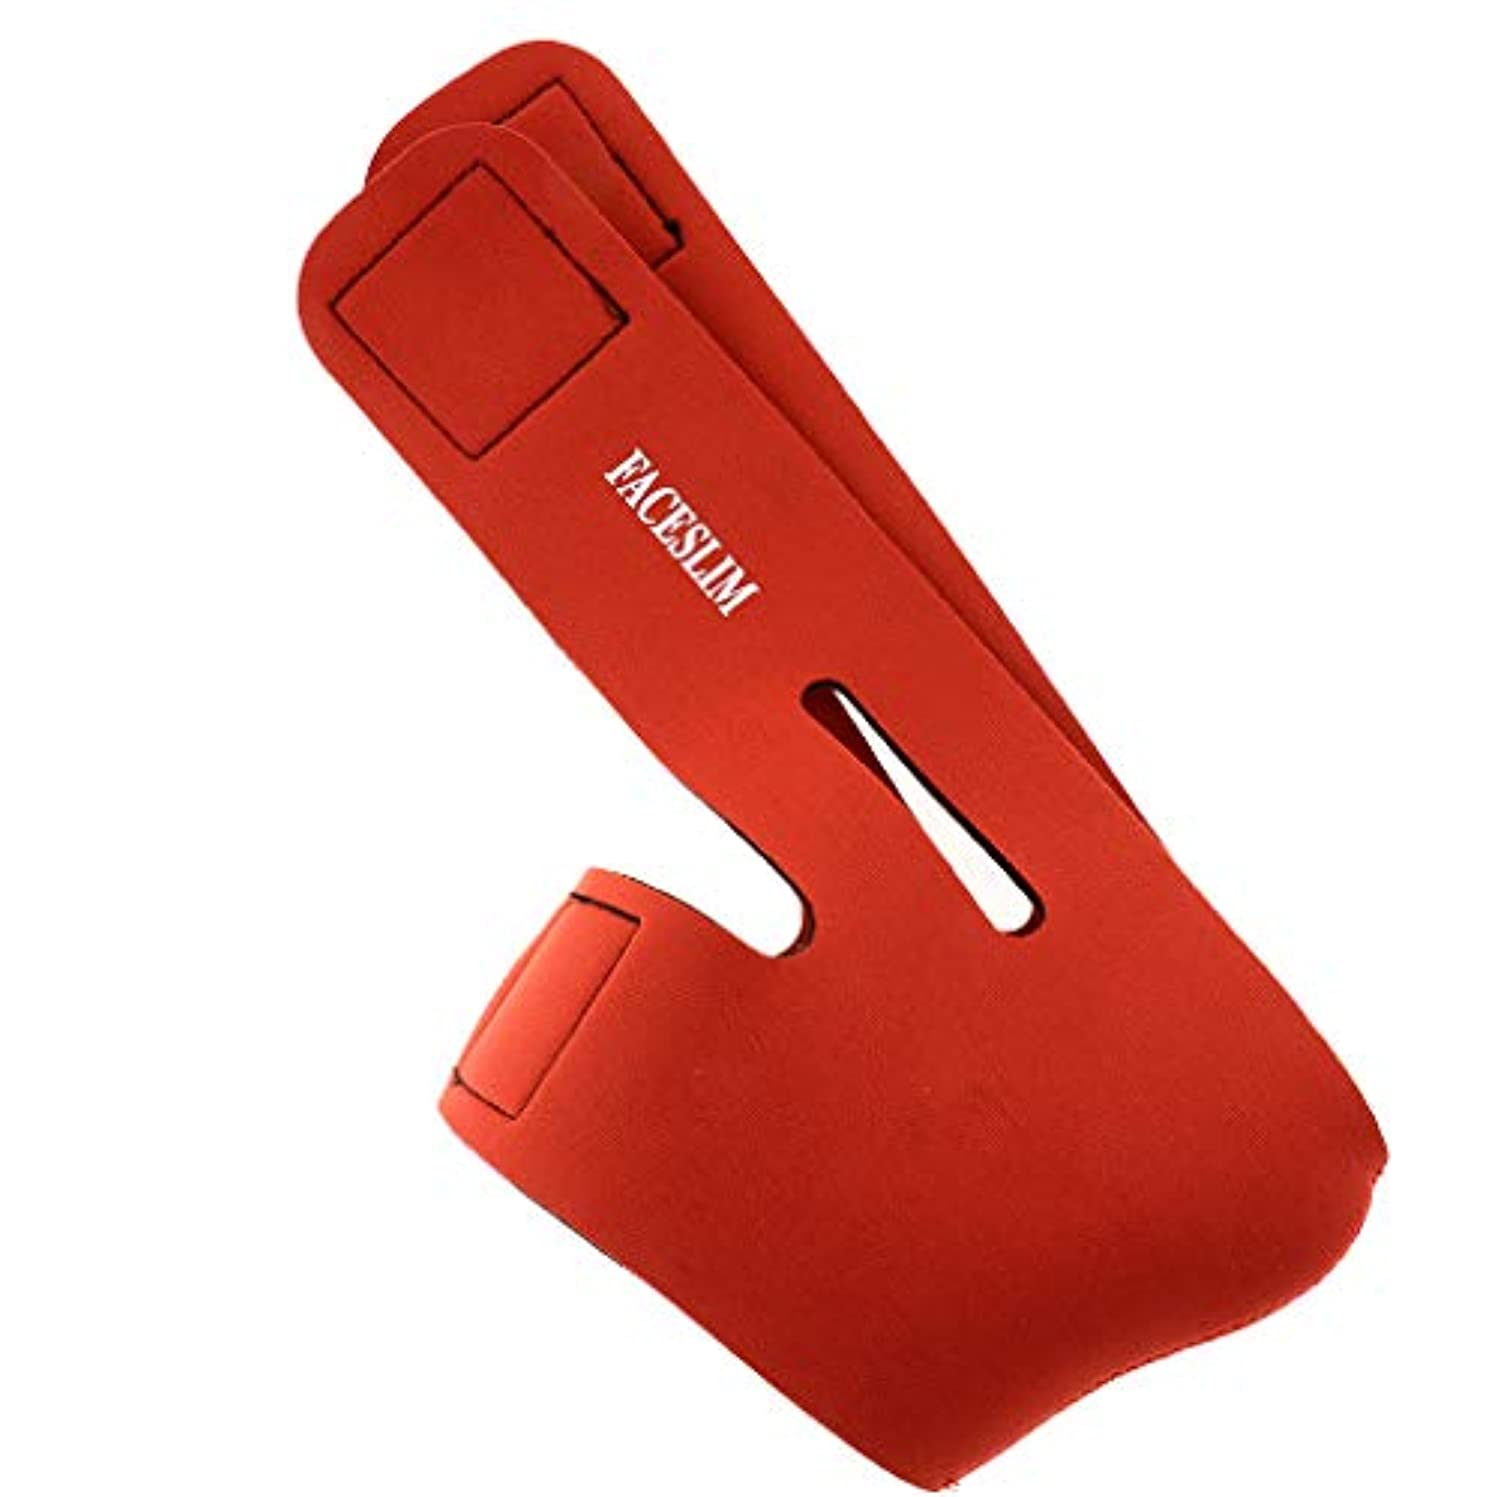 咳入学する相関するF Fityle フェイスラインベルト リフトアップベルト 小顔ベルト 小顔サポーター 伸縮性 調節可能 全2色 - オレンジ